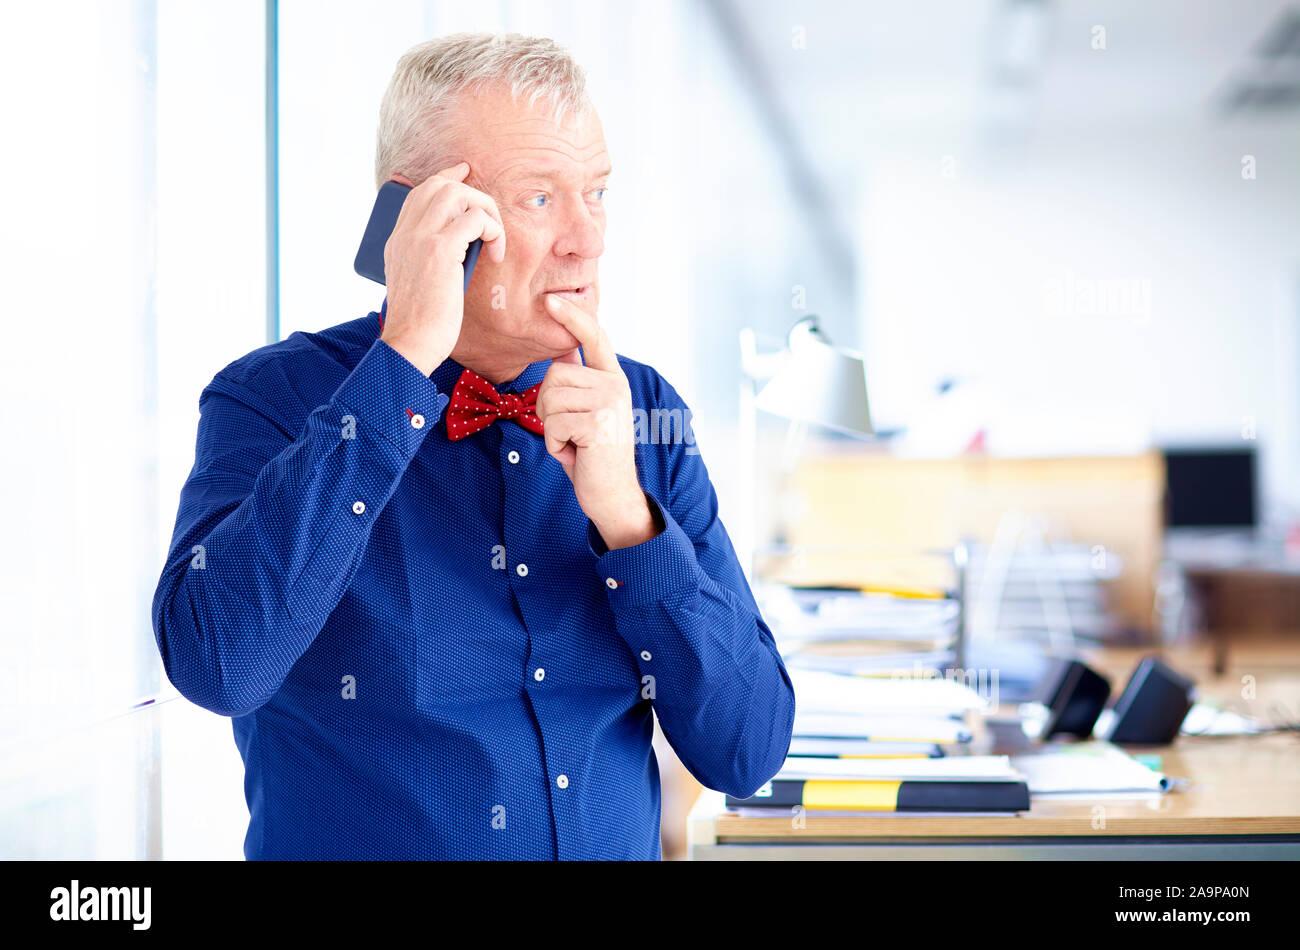 Senior businessman à thoughfully alors qu'il était assis dans le bureau et de passer un appel téléphonique. Banque D'Images